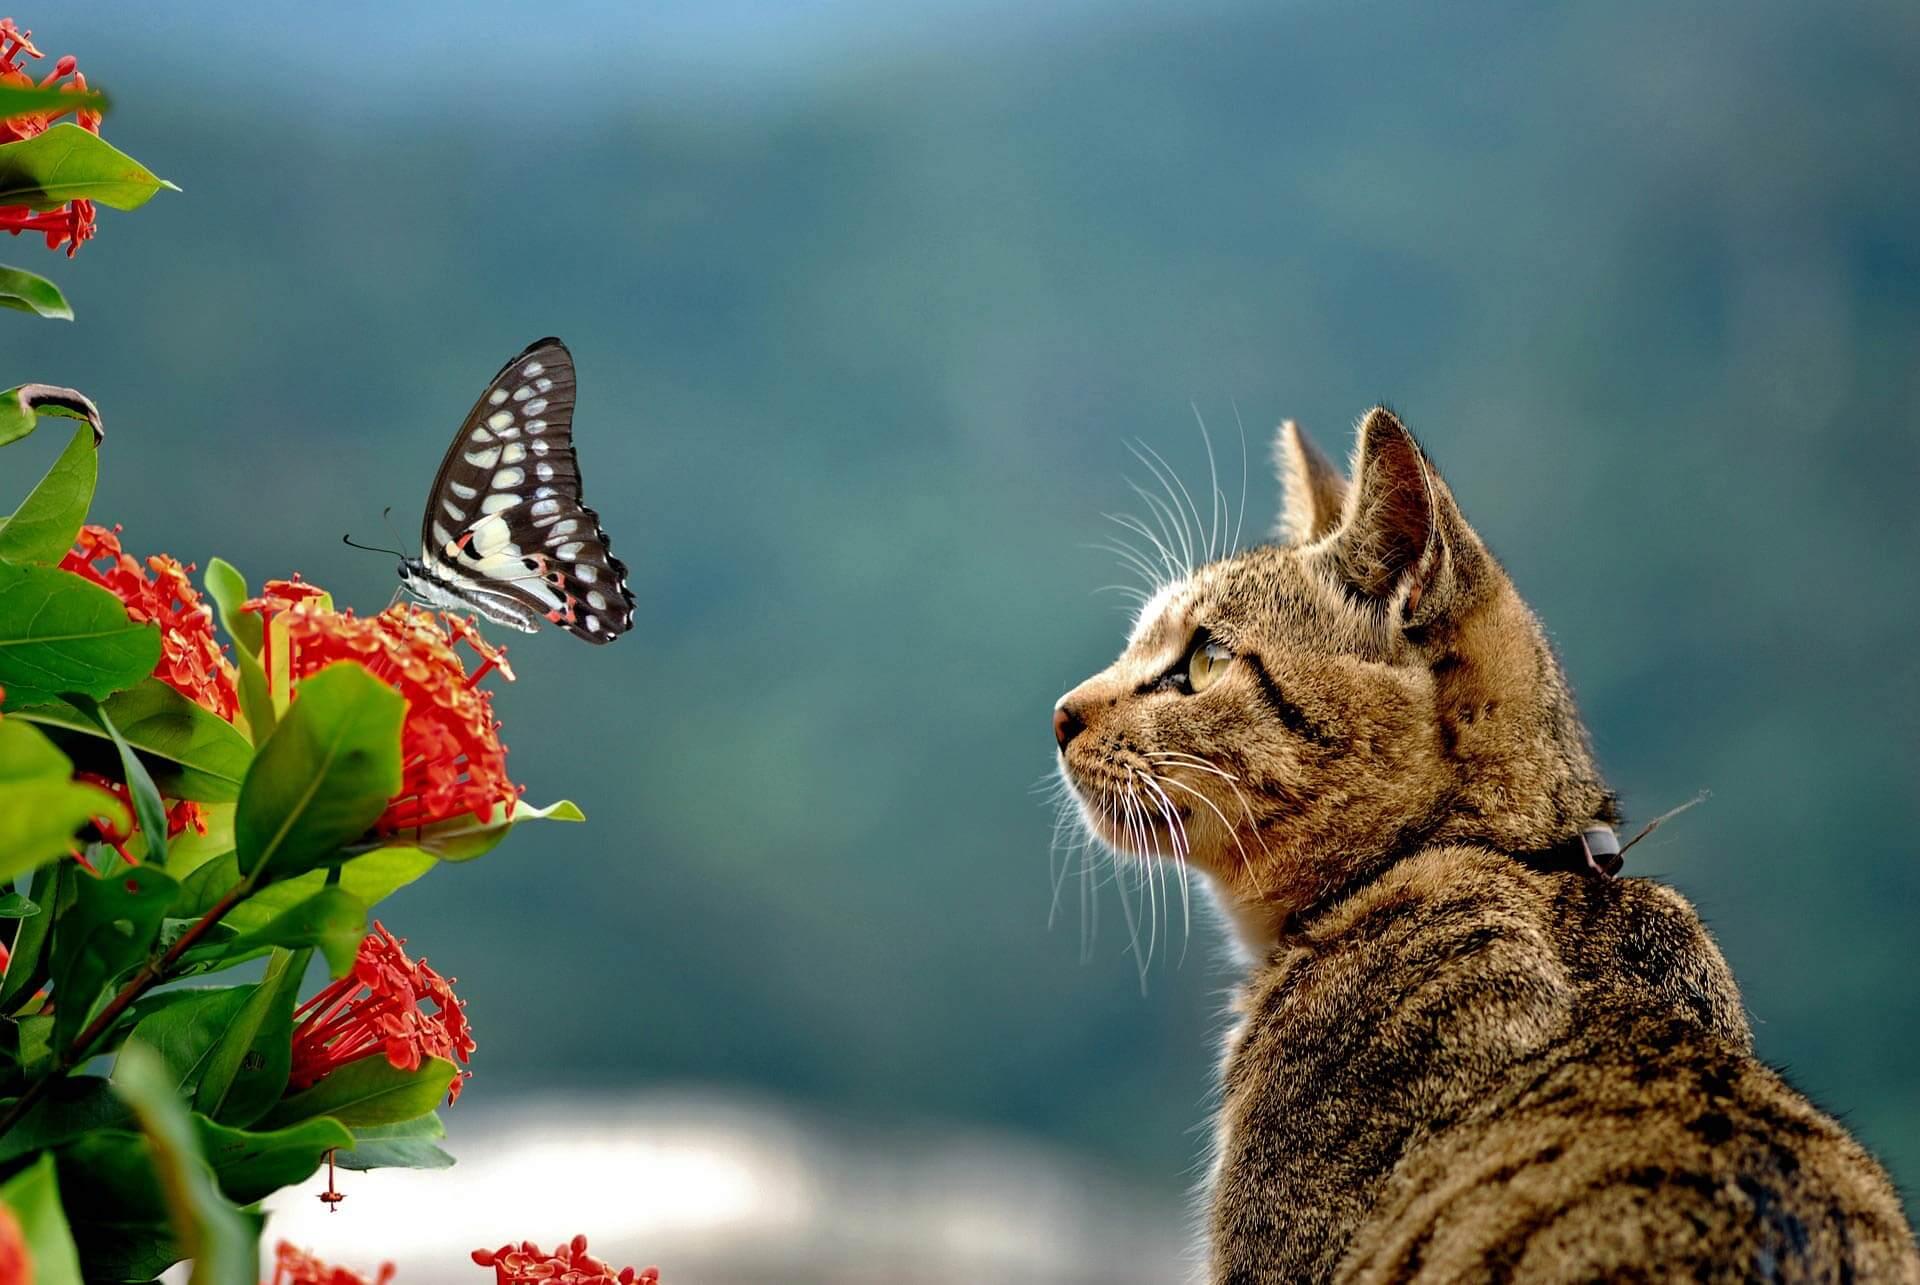 Gefahren für Katzen: 5 Todesfallen für deine Katze